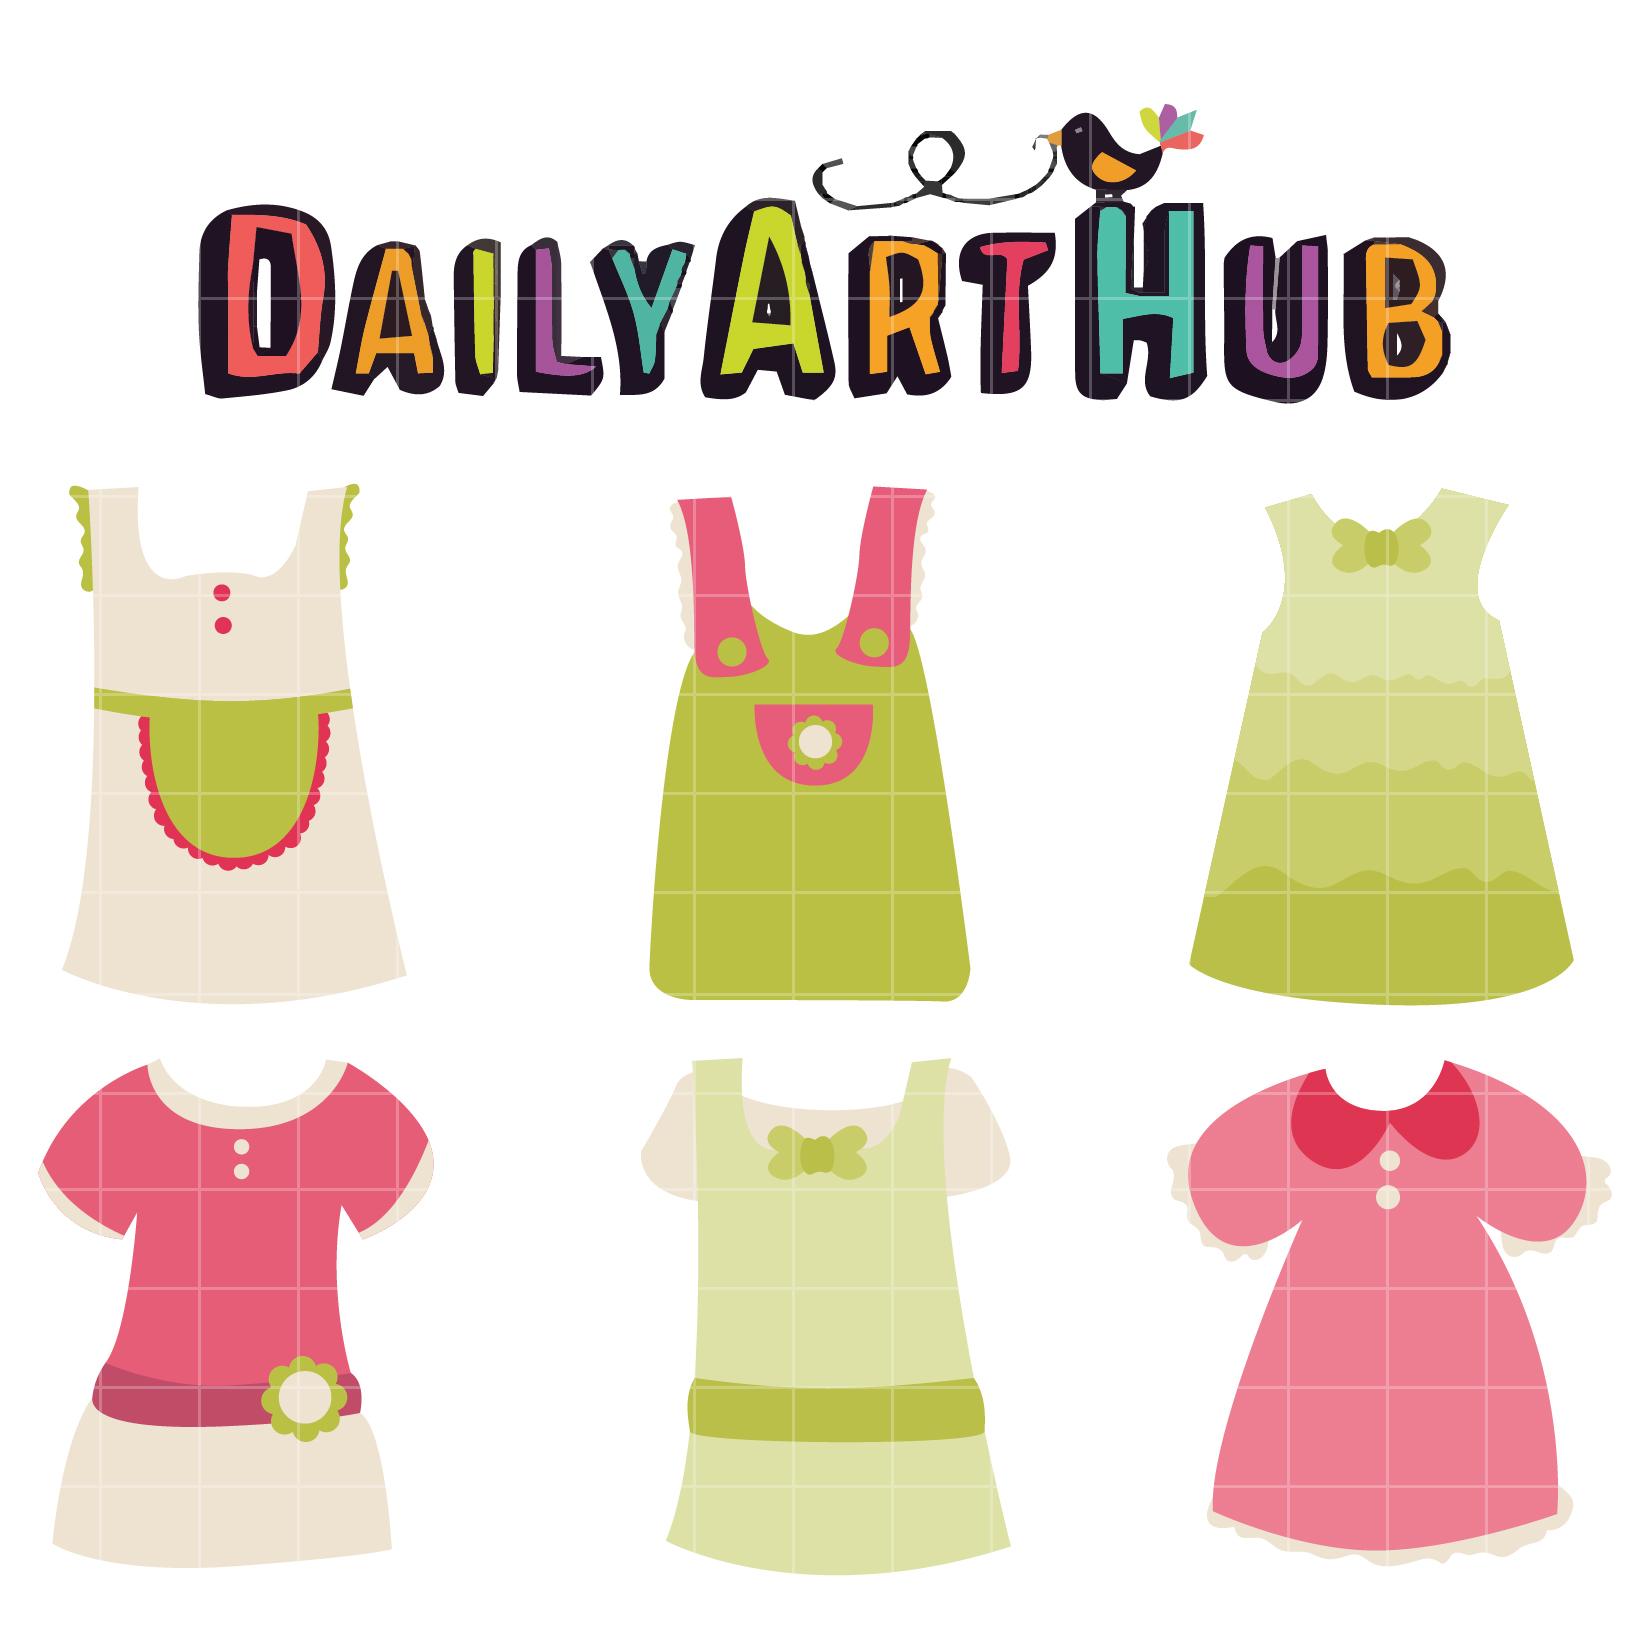 cute baby girl dress clip art set daily art hub free clip art rh dailyarthub com Baby Girl Angel Clip Art Baby Girl Shower Clip Art